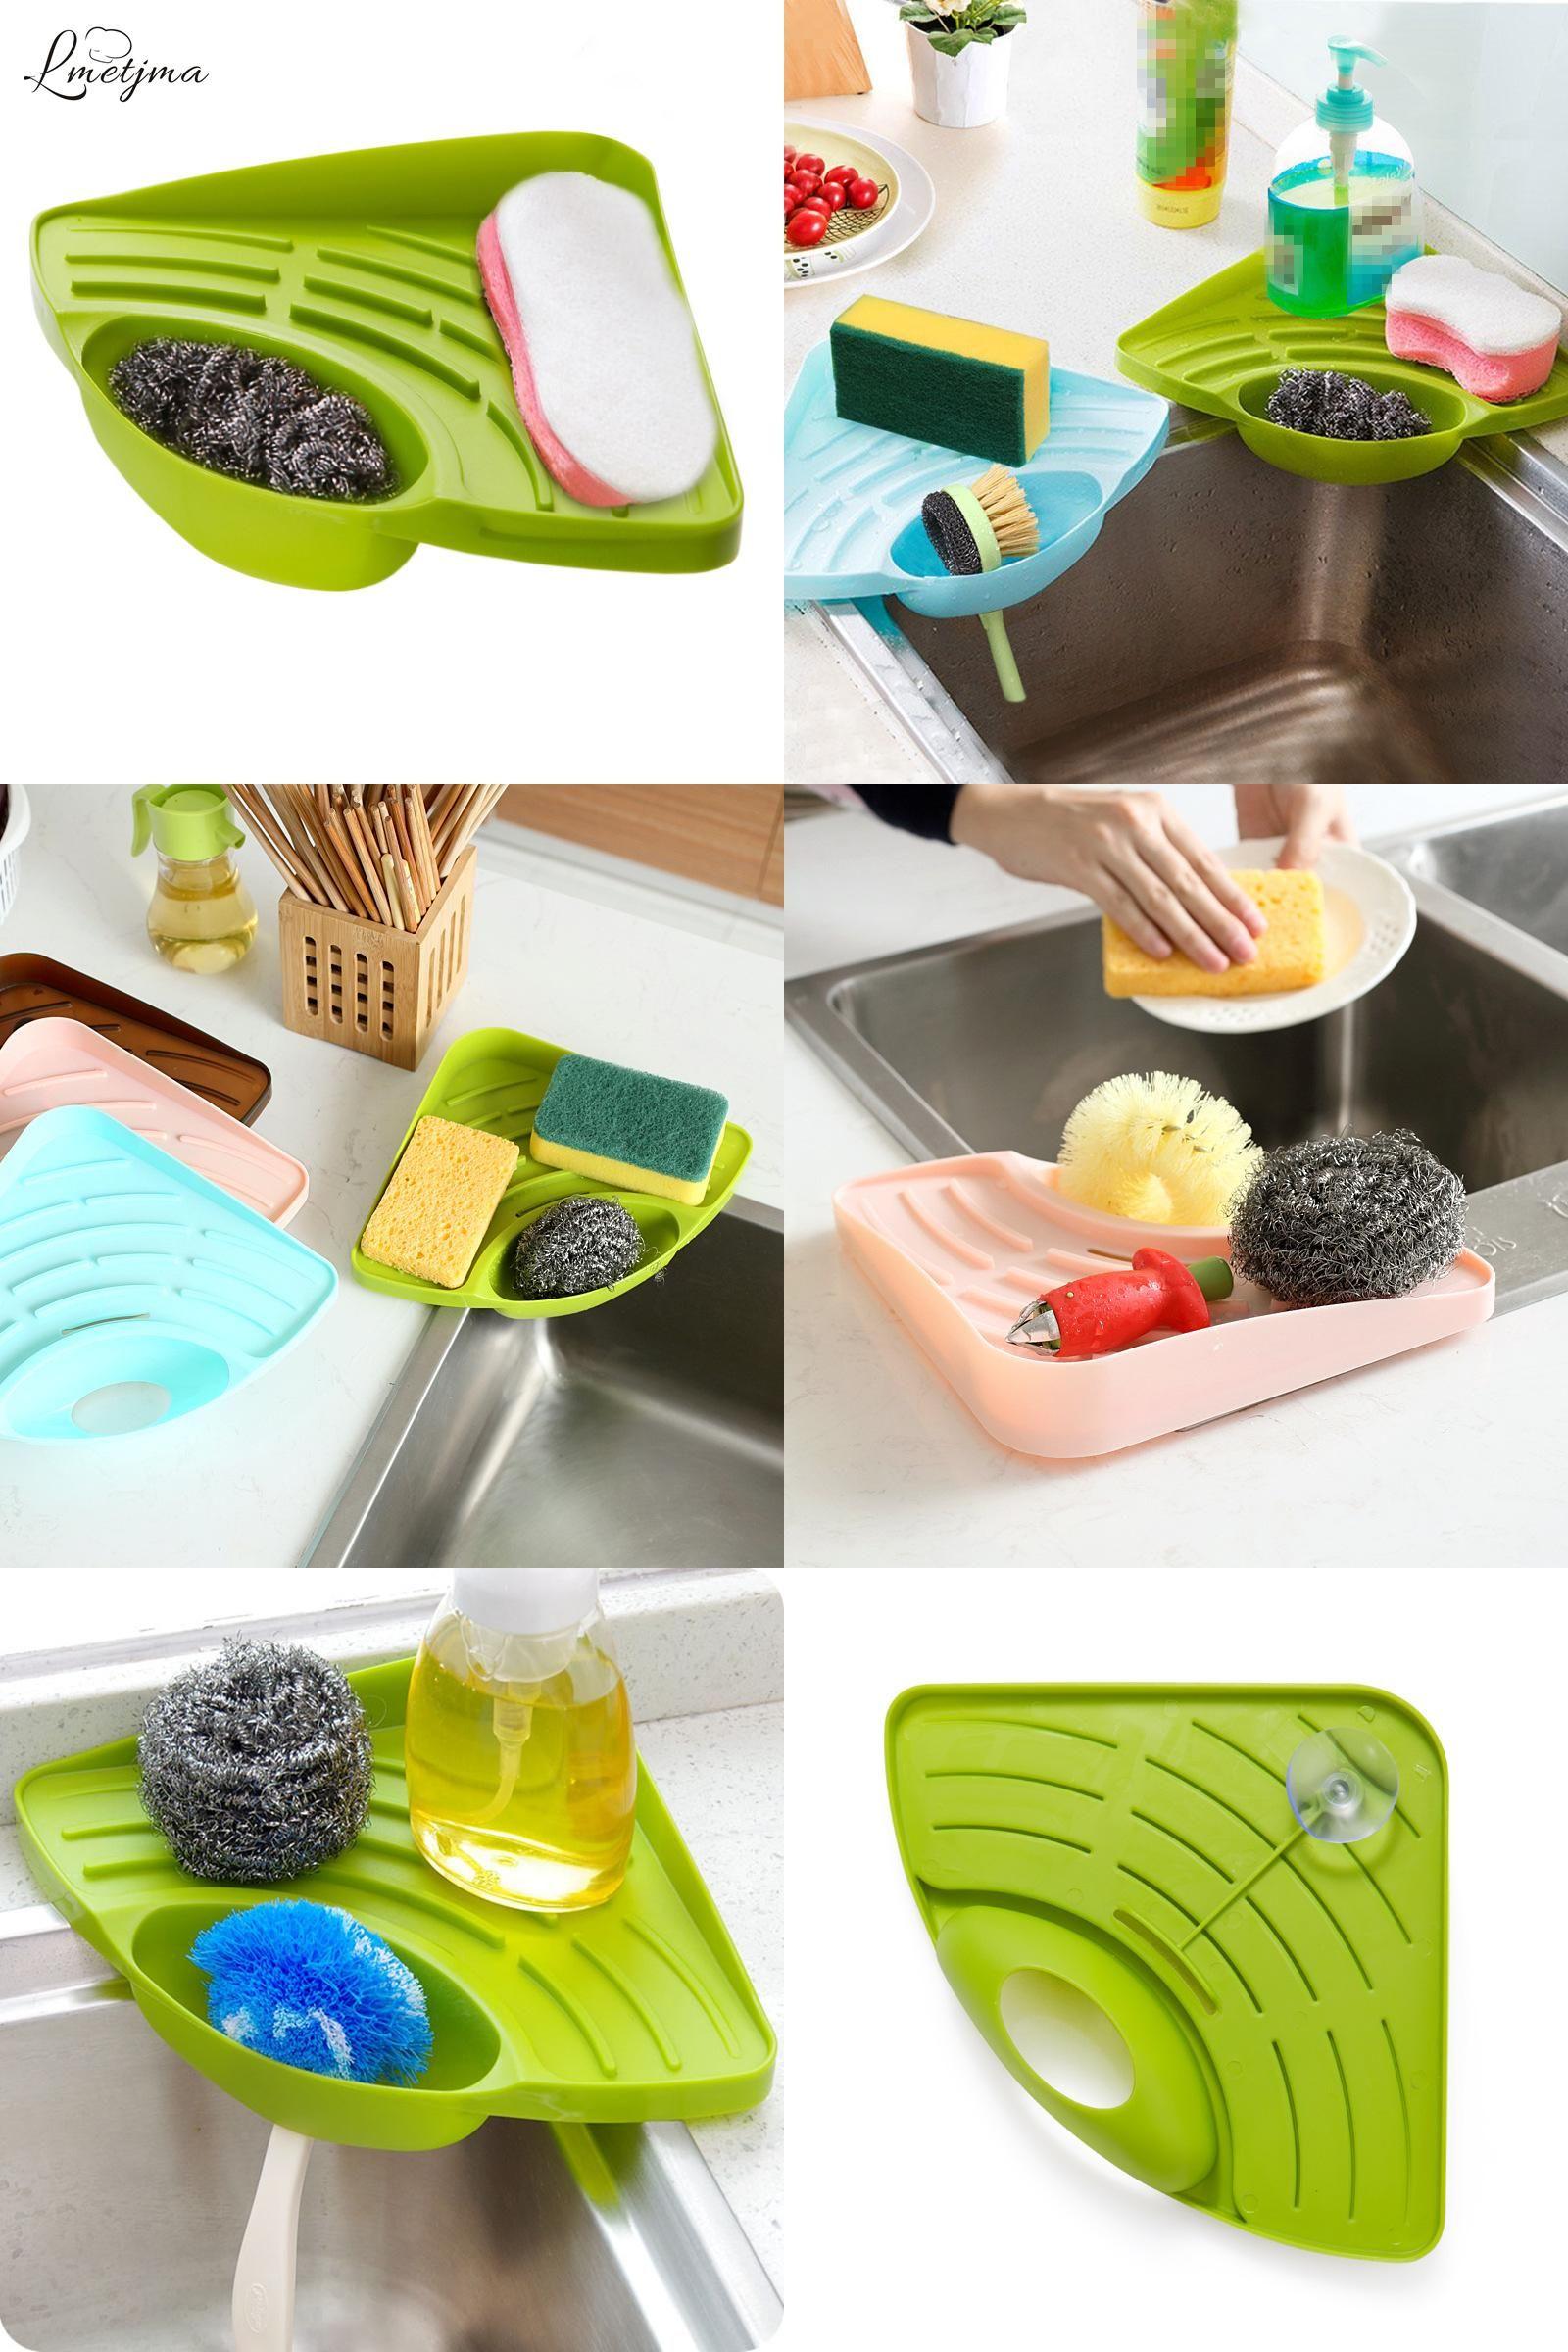 Visit To Buy Lmetjma Kitchen Sink Corner Storage Rack Sponge Holder Cleaning Brush Holder Bathroom Soap Cleaning B Sponge Holder Corner Storage Bathroom Soap